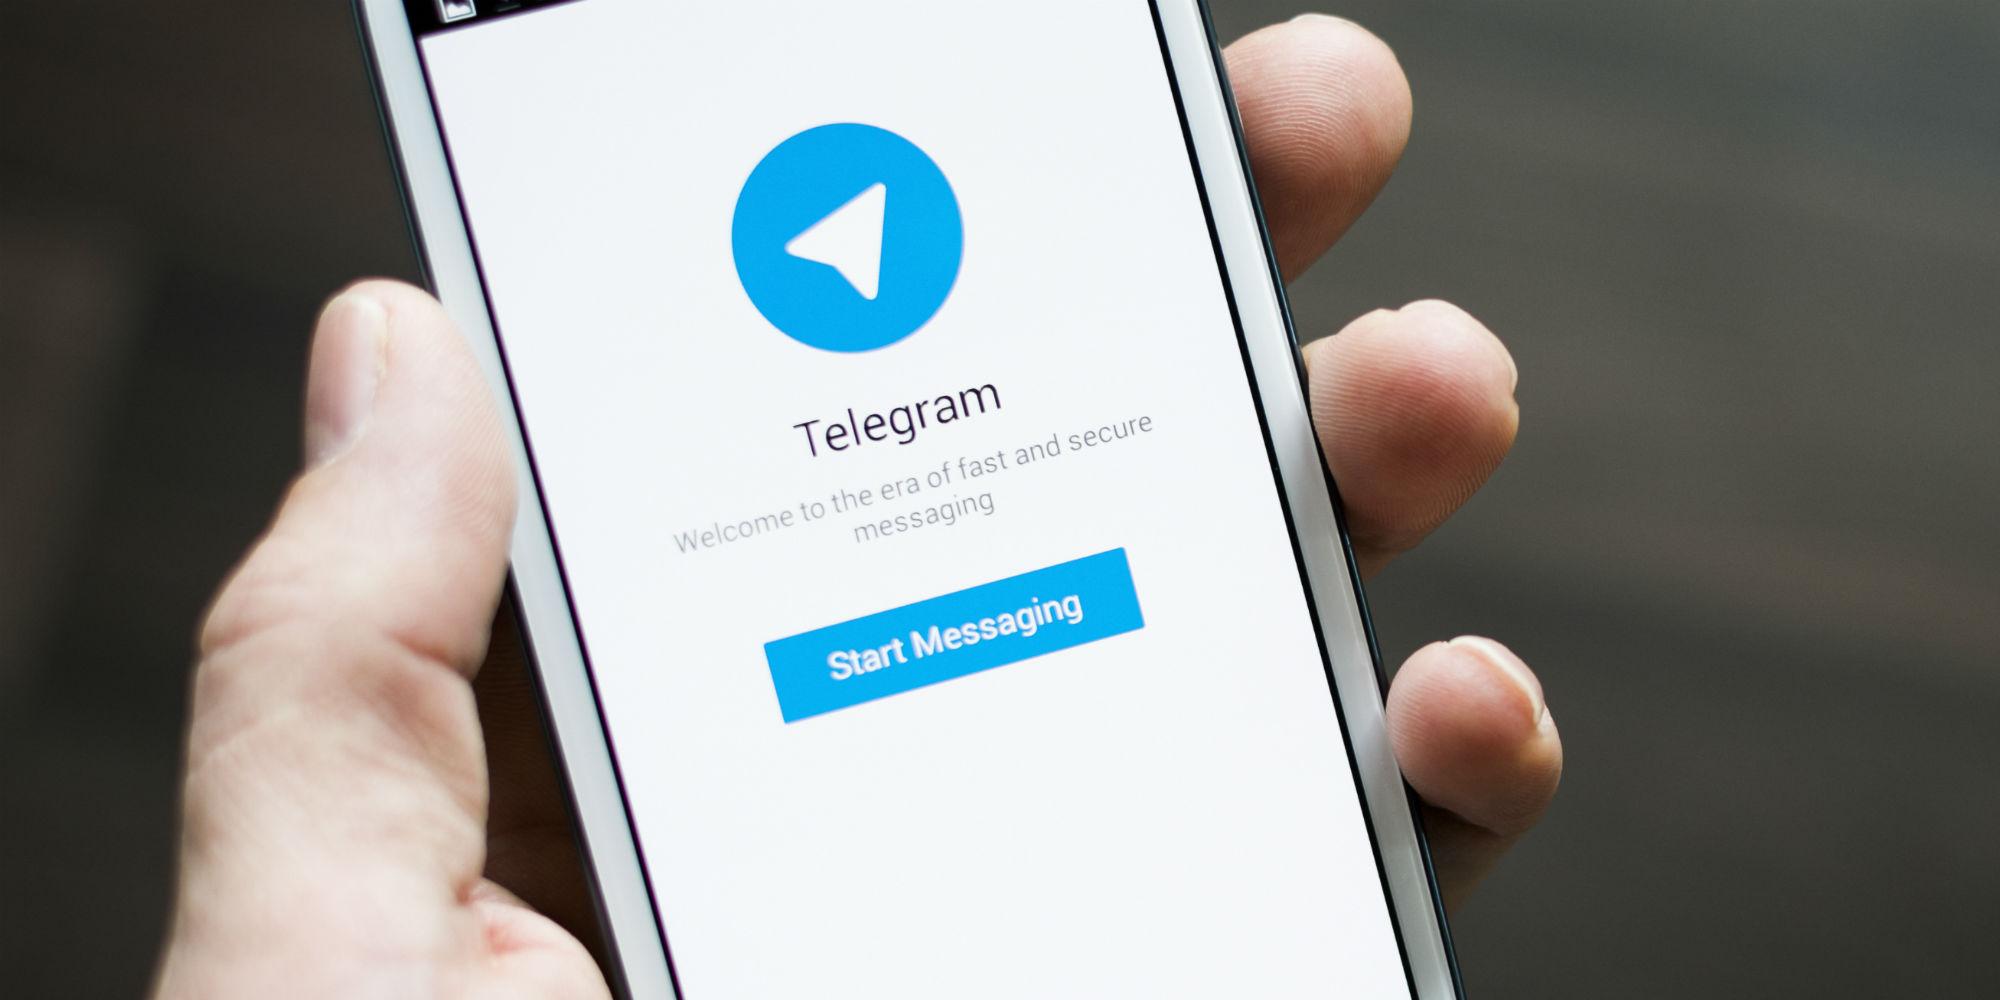 Come usare Telegram in modo perfetto